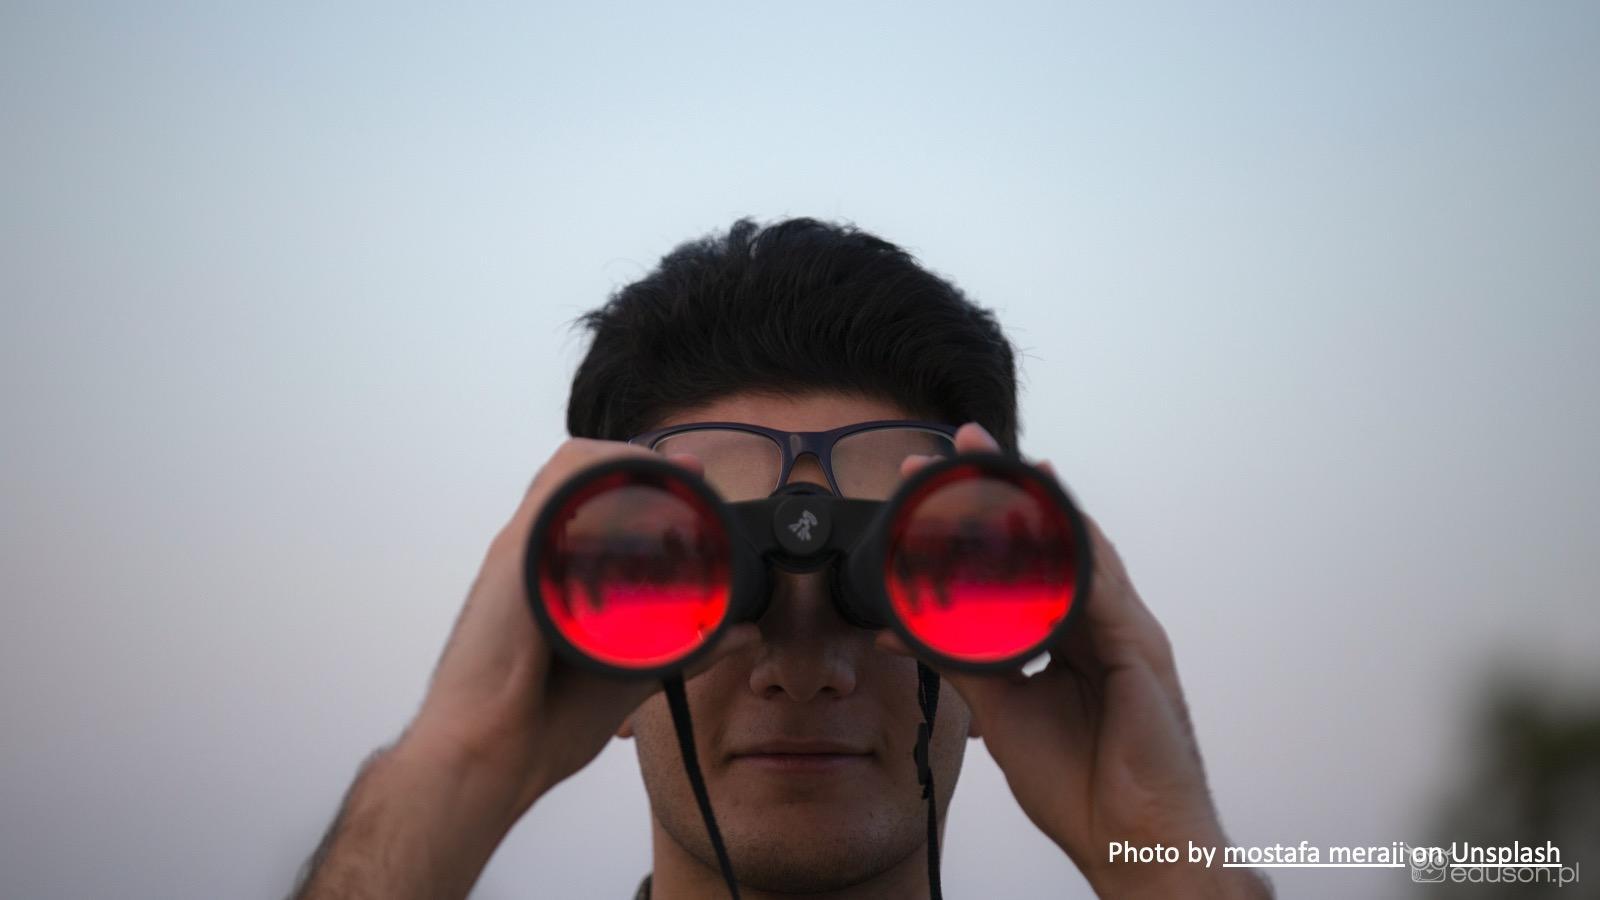 #31 Nerka ektopowa, czyli jak przekuć porażkę w sukces - Portal wymiany wiedzy o ultrasonografii - Eduson